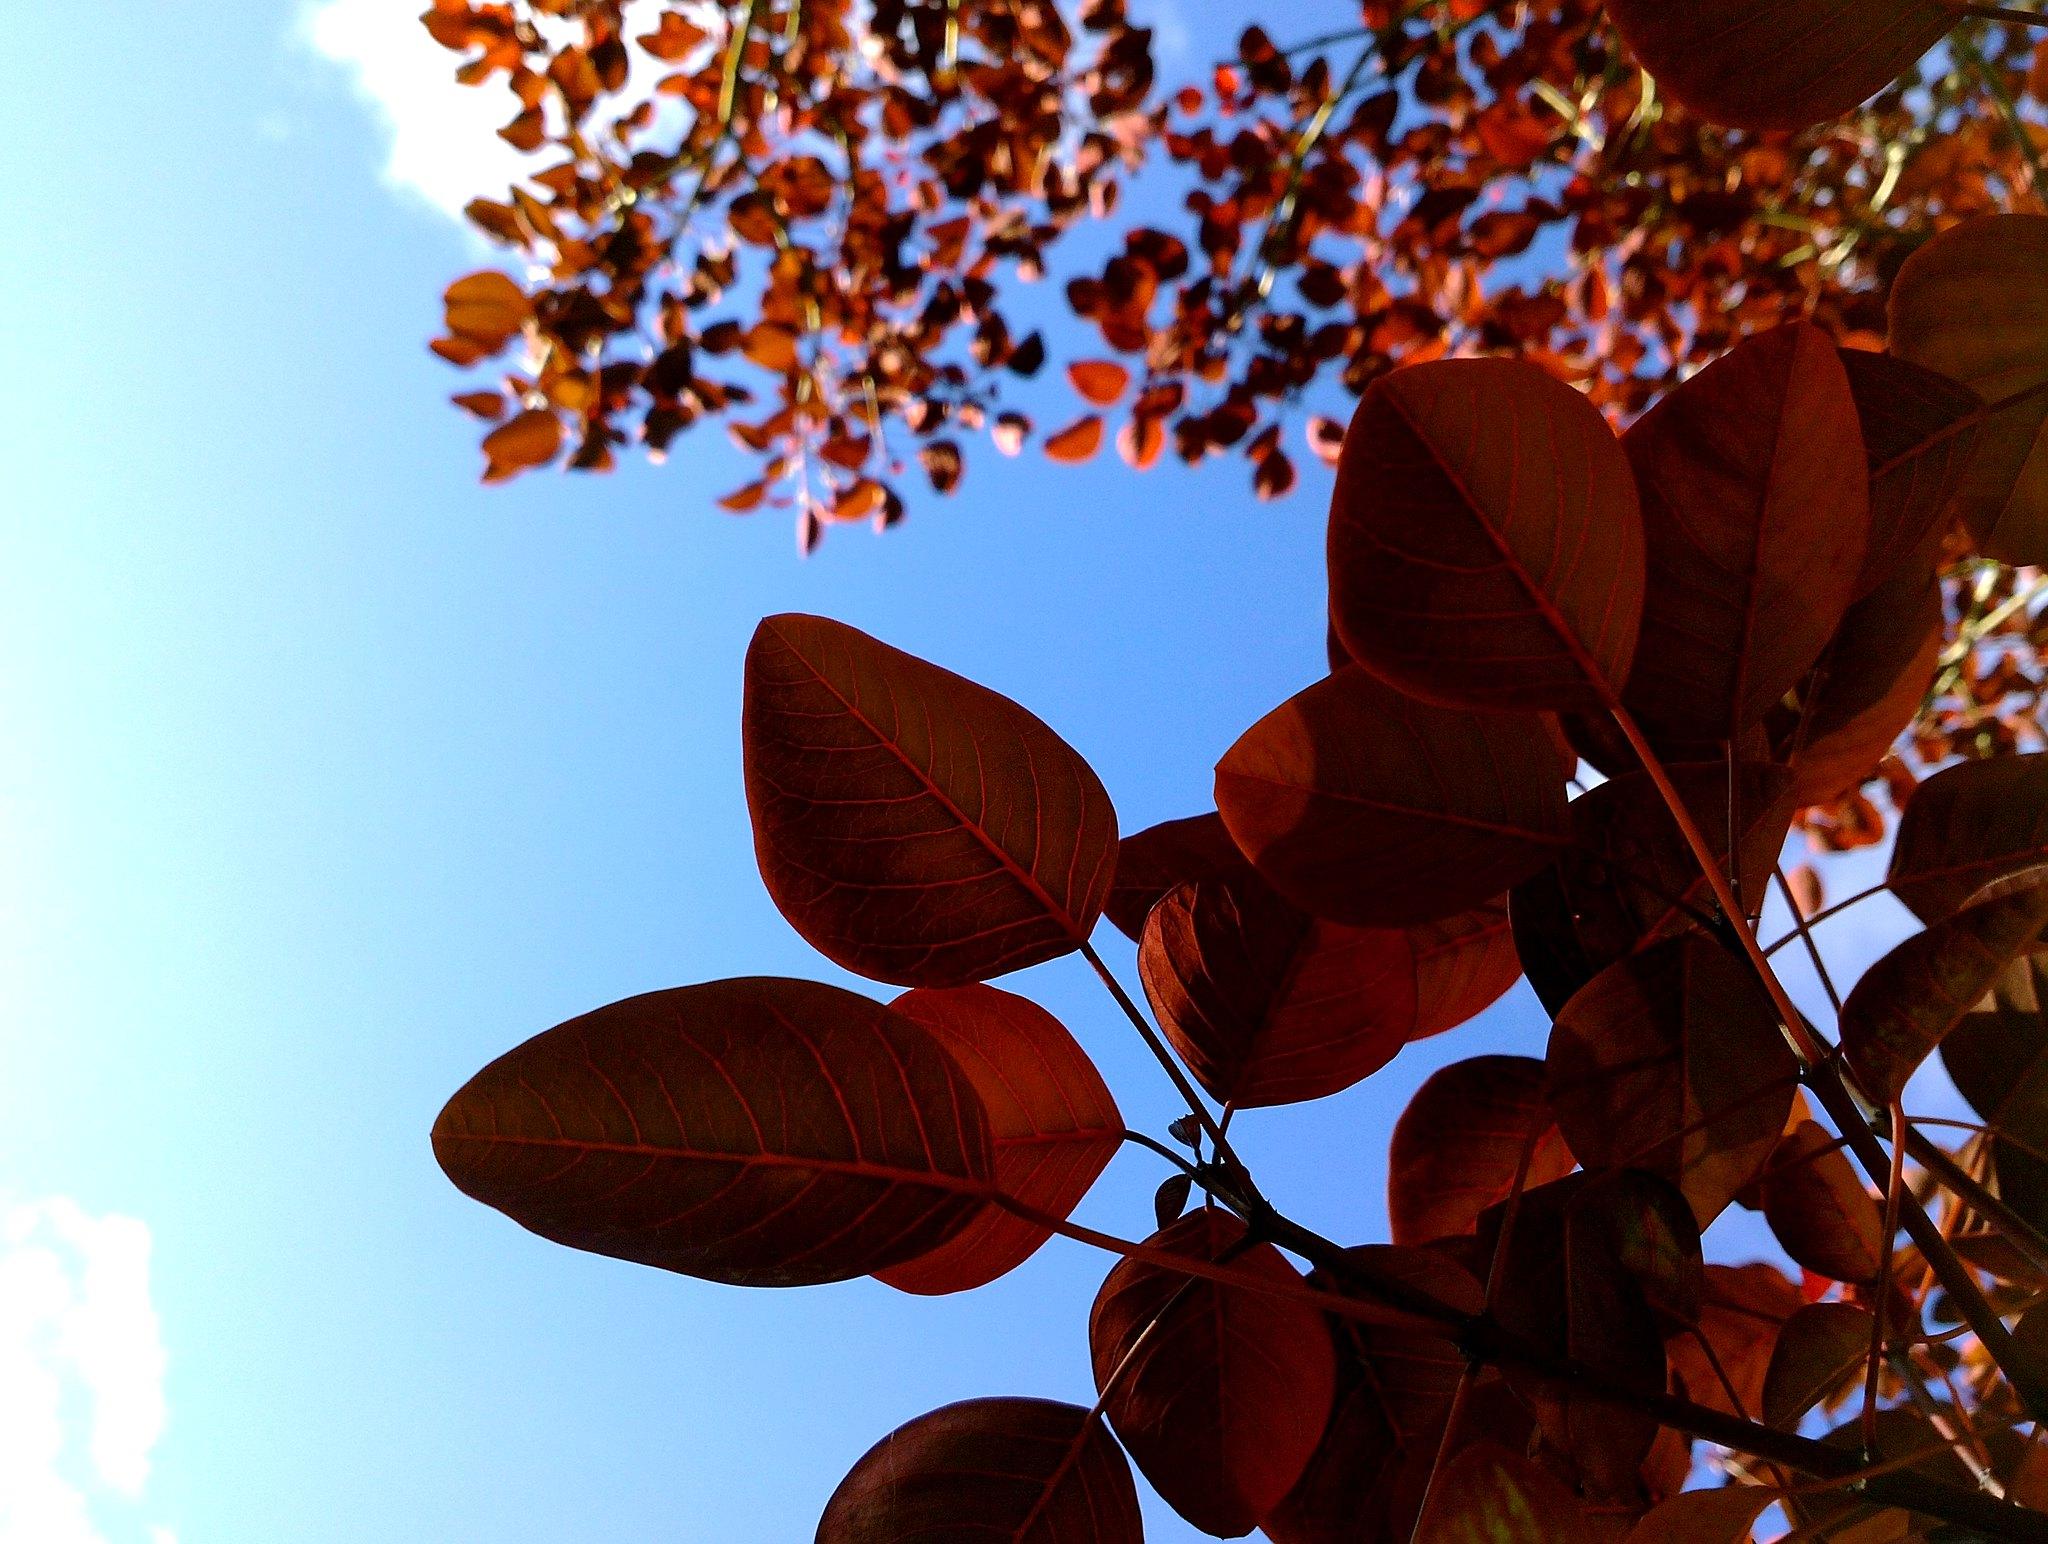 Las hojas del lechero rojo son rojizas/marrones